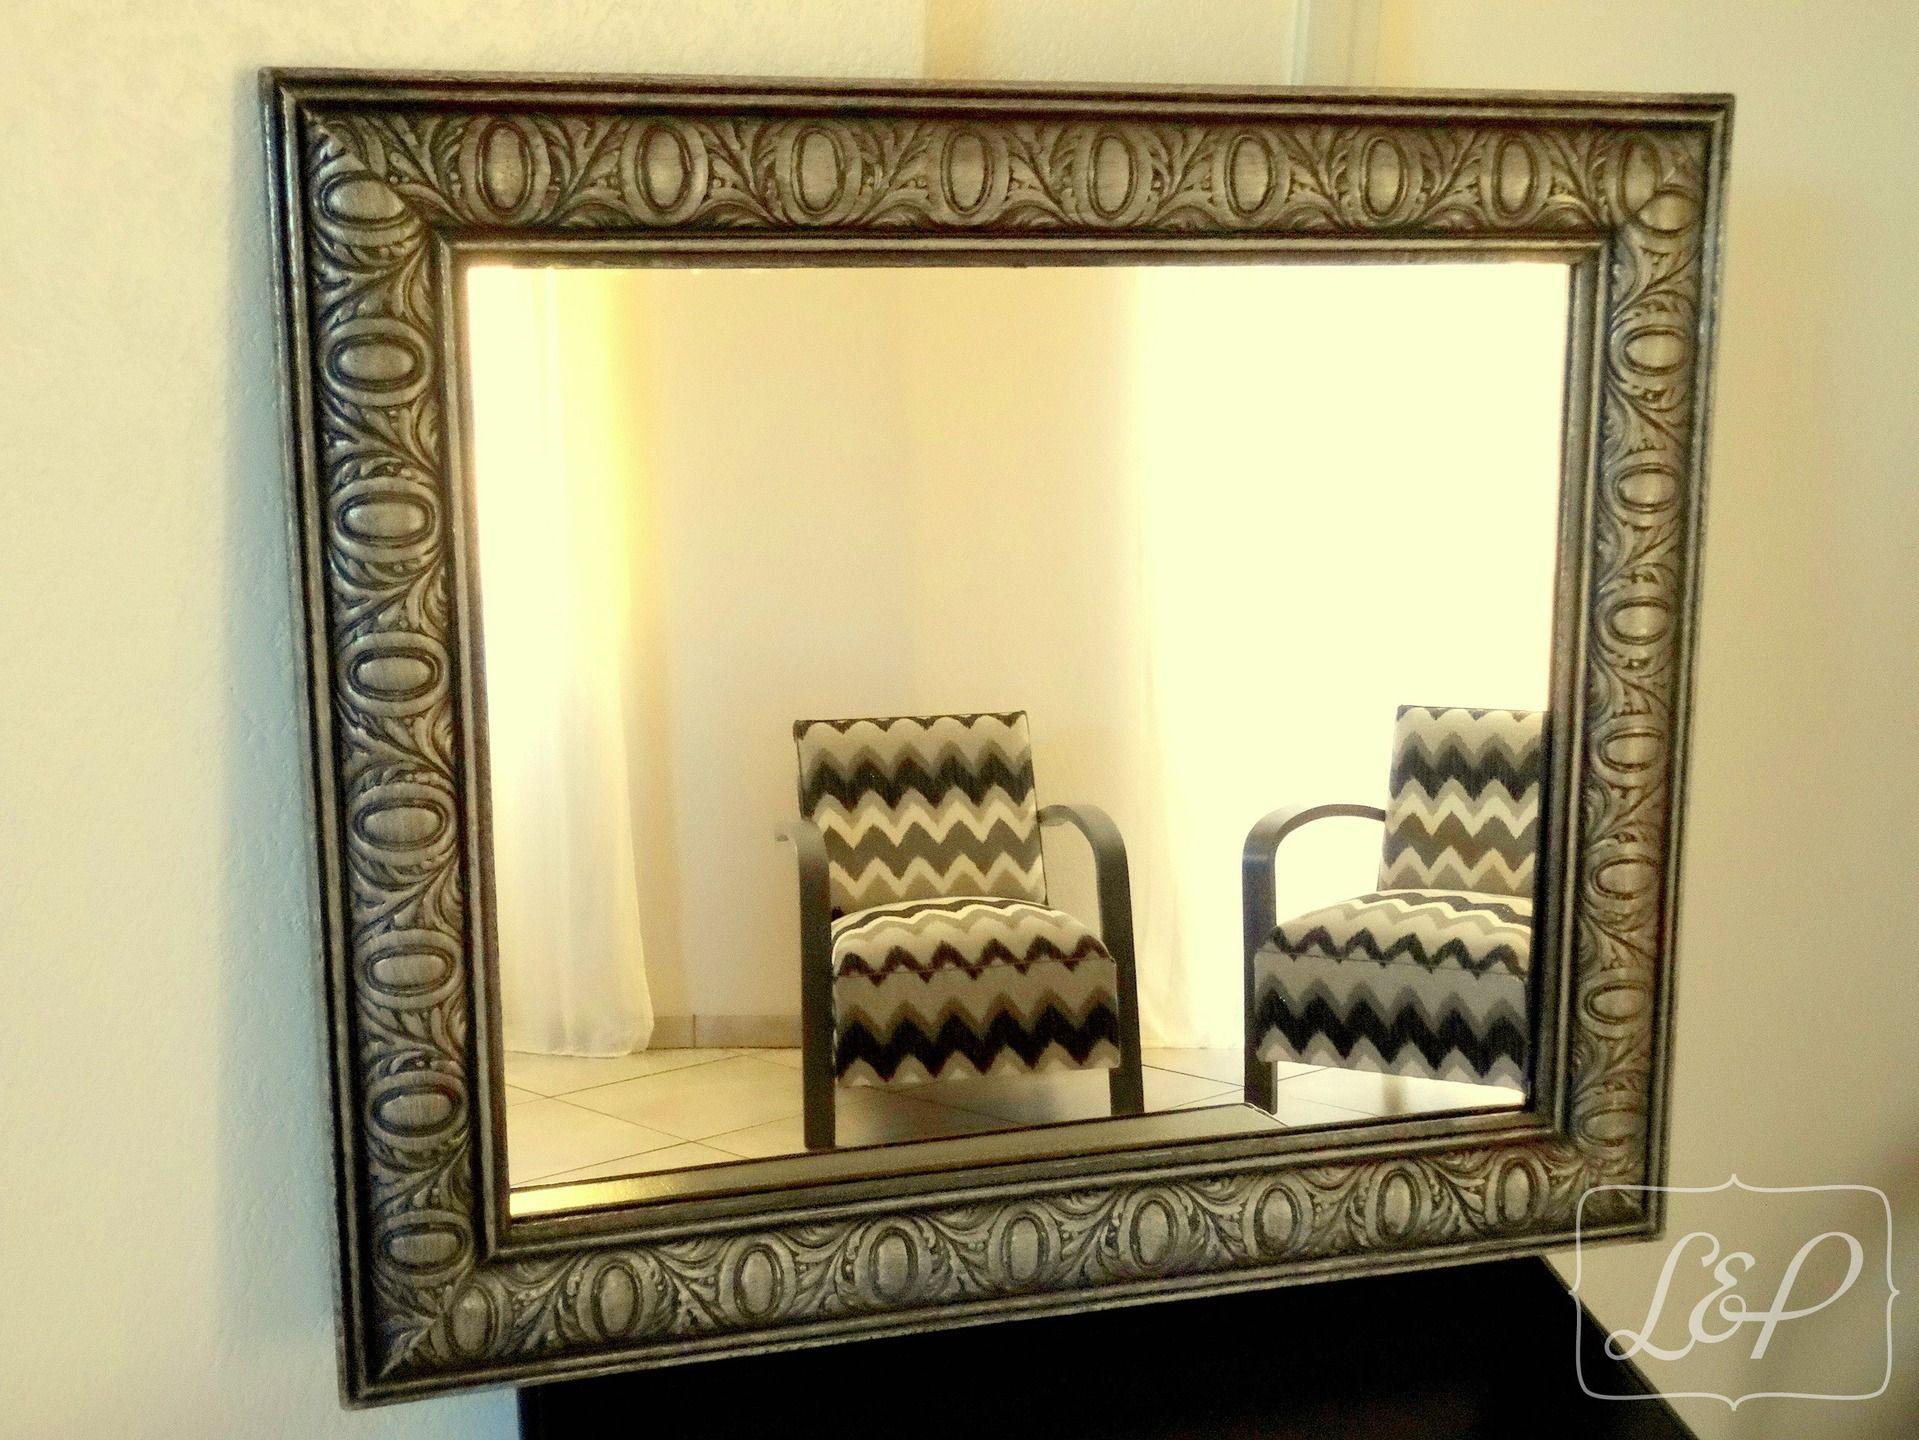 Idée cadeau : Miroir avec cadre ancien en bois, à moulures, patiné ...